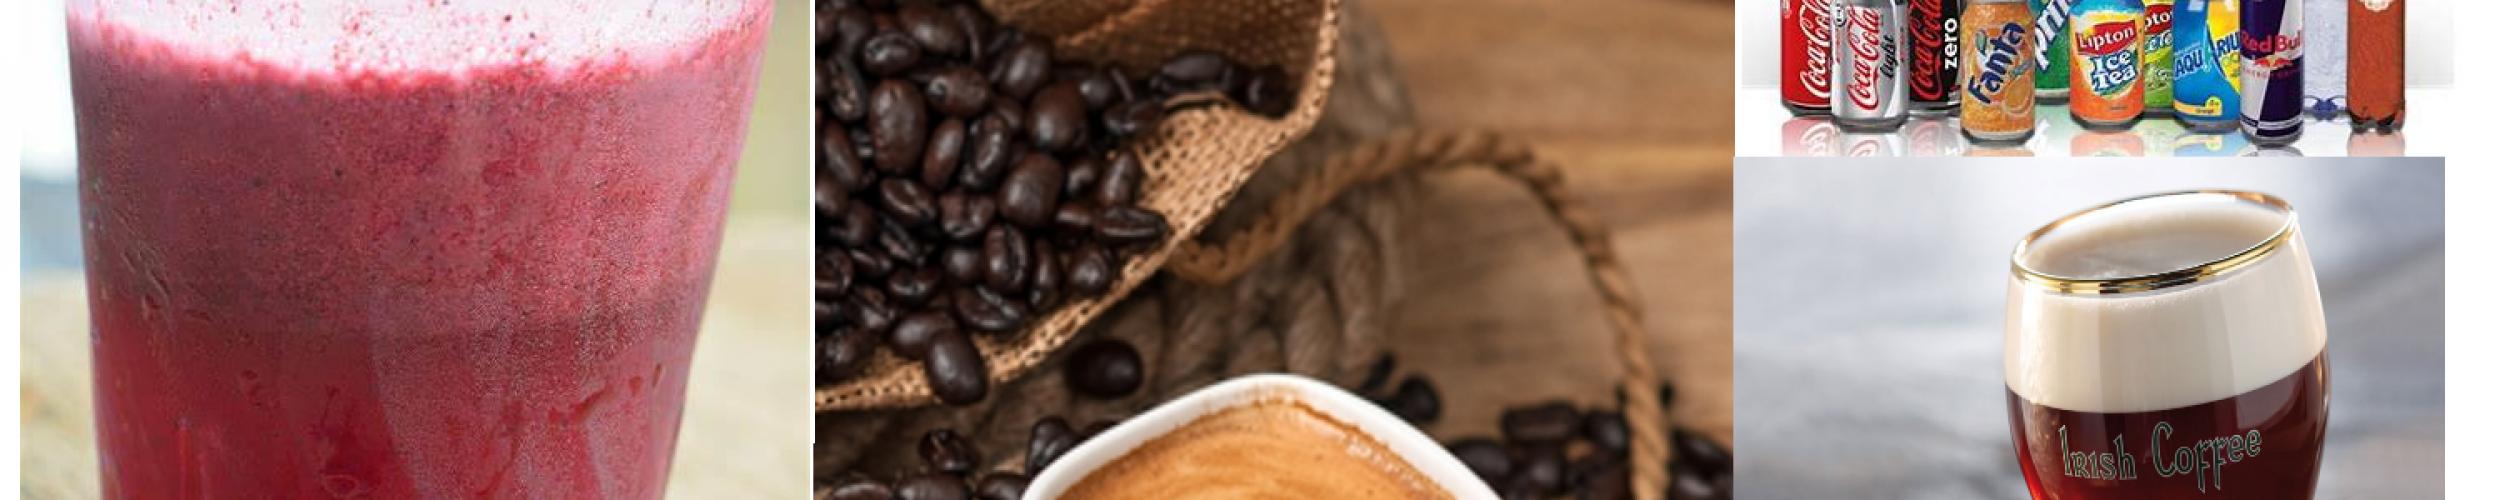 Frisdranken - Warme dranken  - Straffe koffie - Smoothie